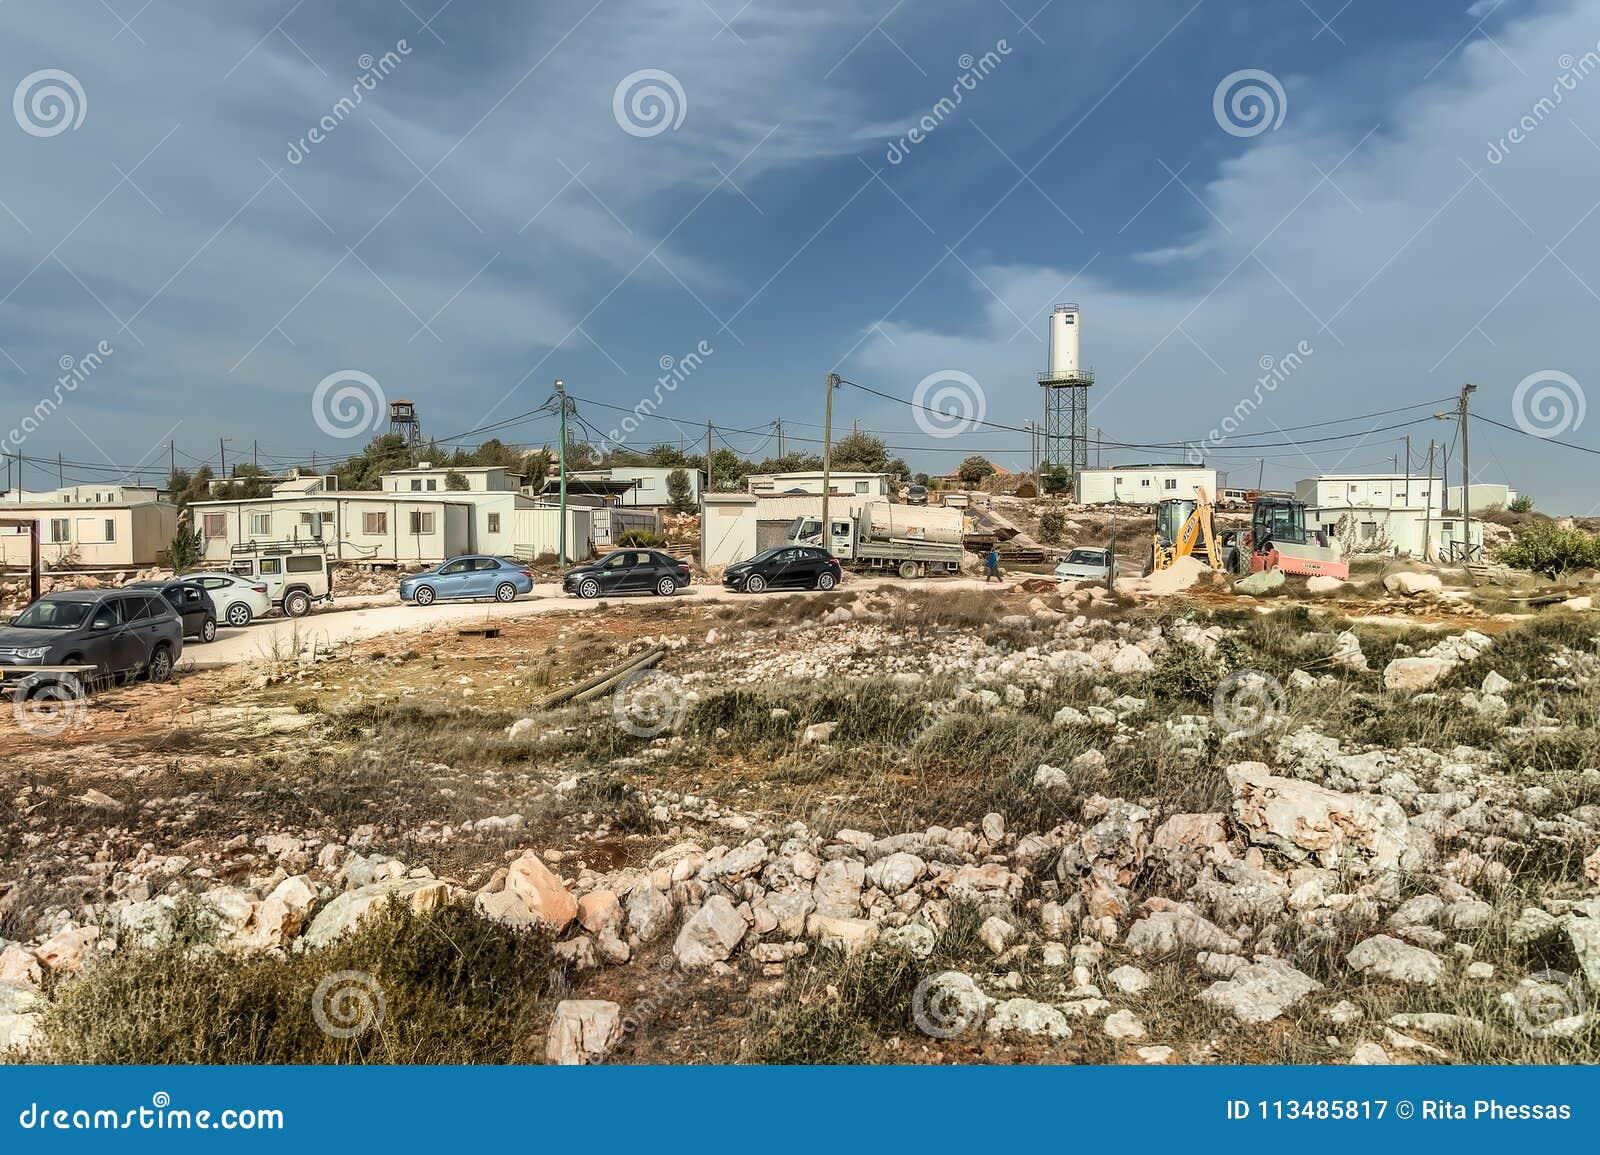 以色列犹太沙漠2015年10月24日 犹太移居者在judea沙漠的沙漠非法地架设新的存在,他们说